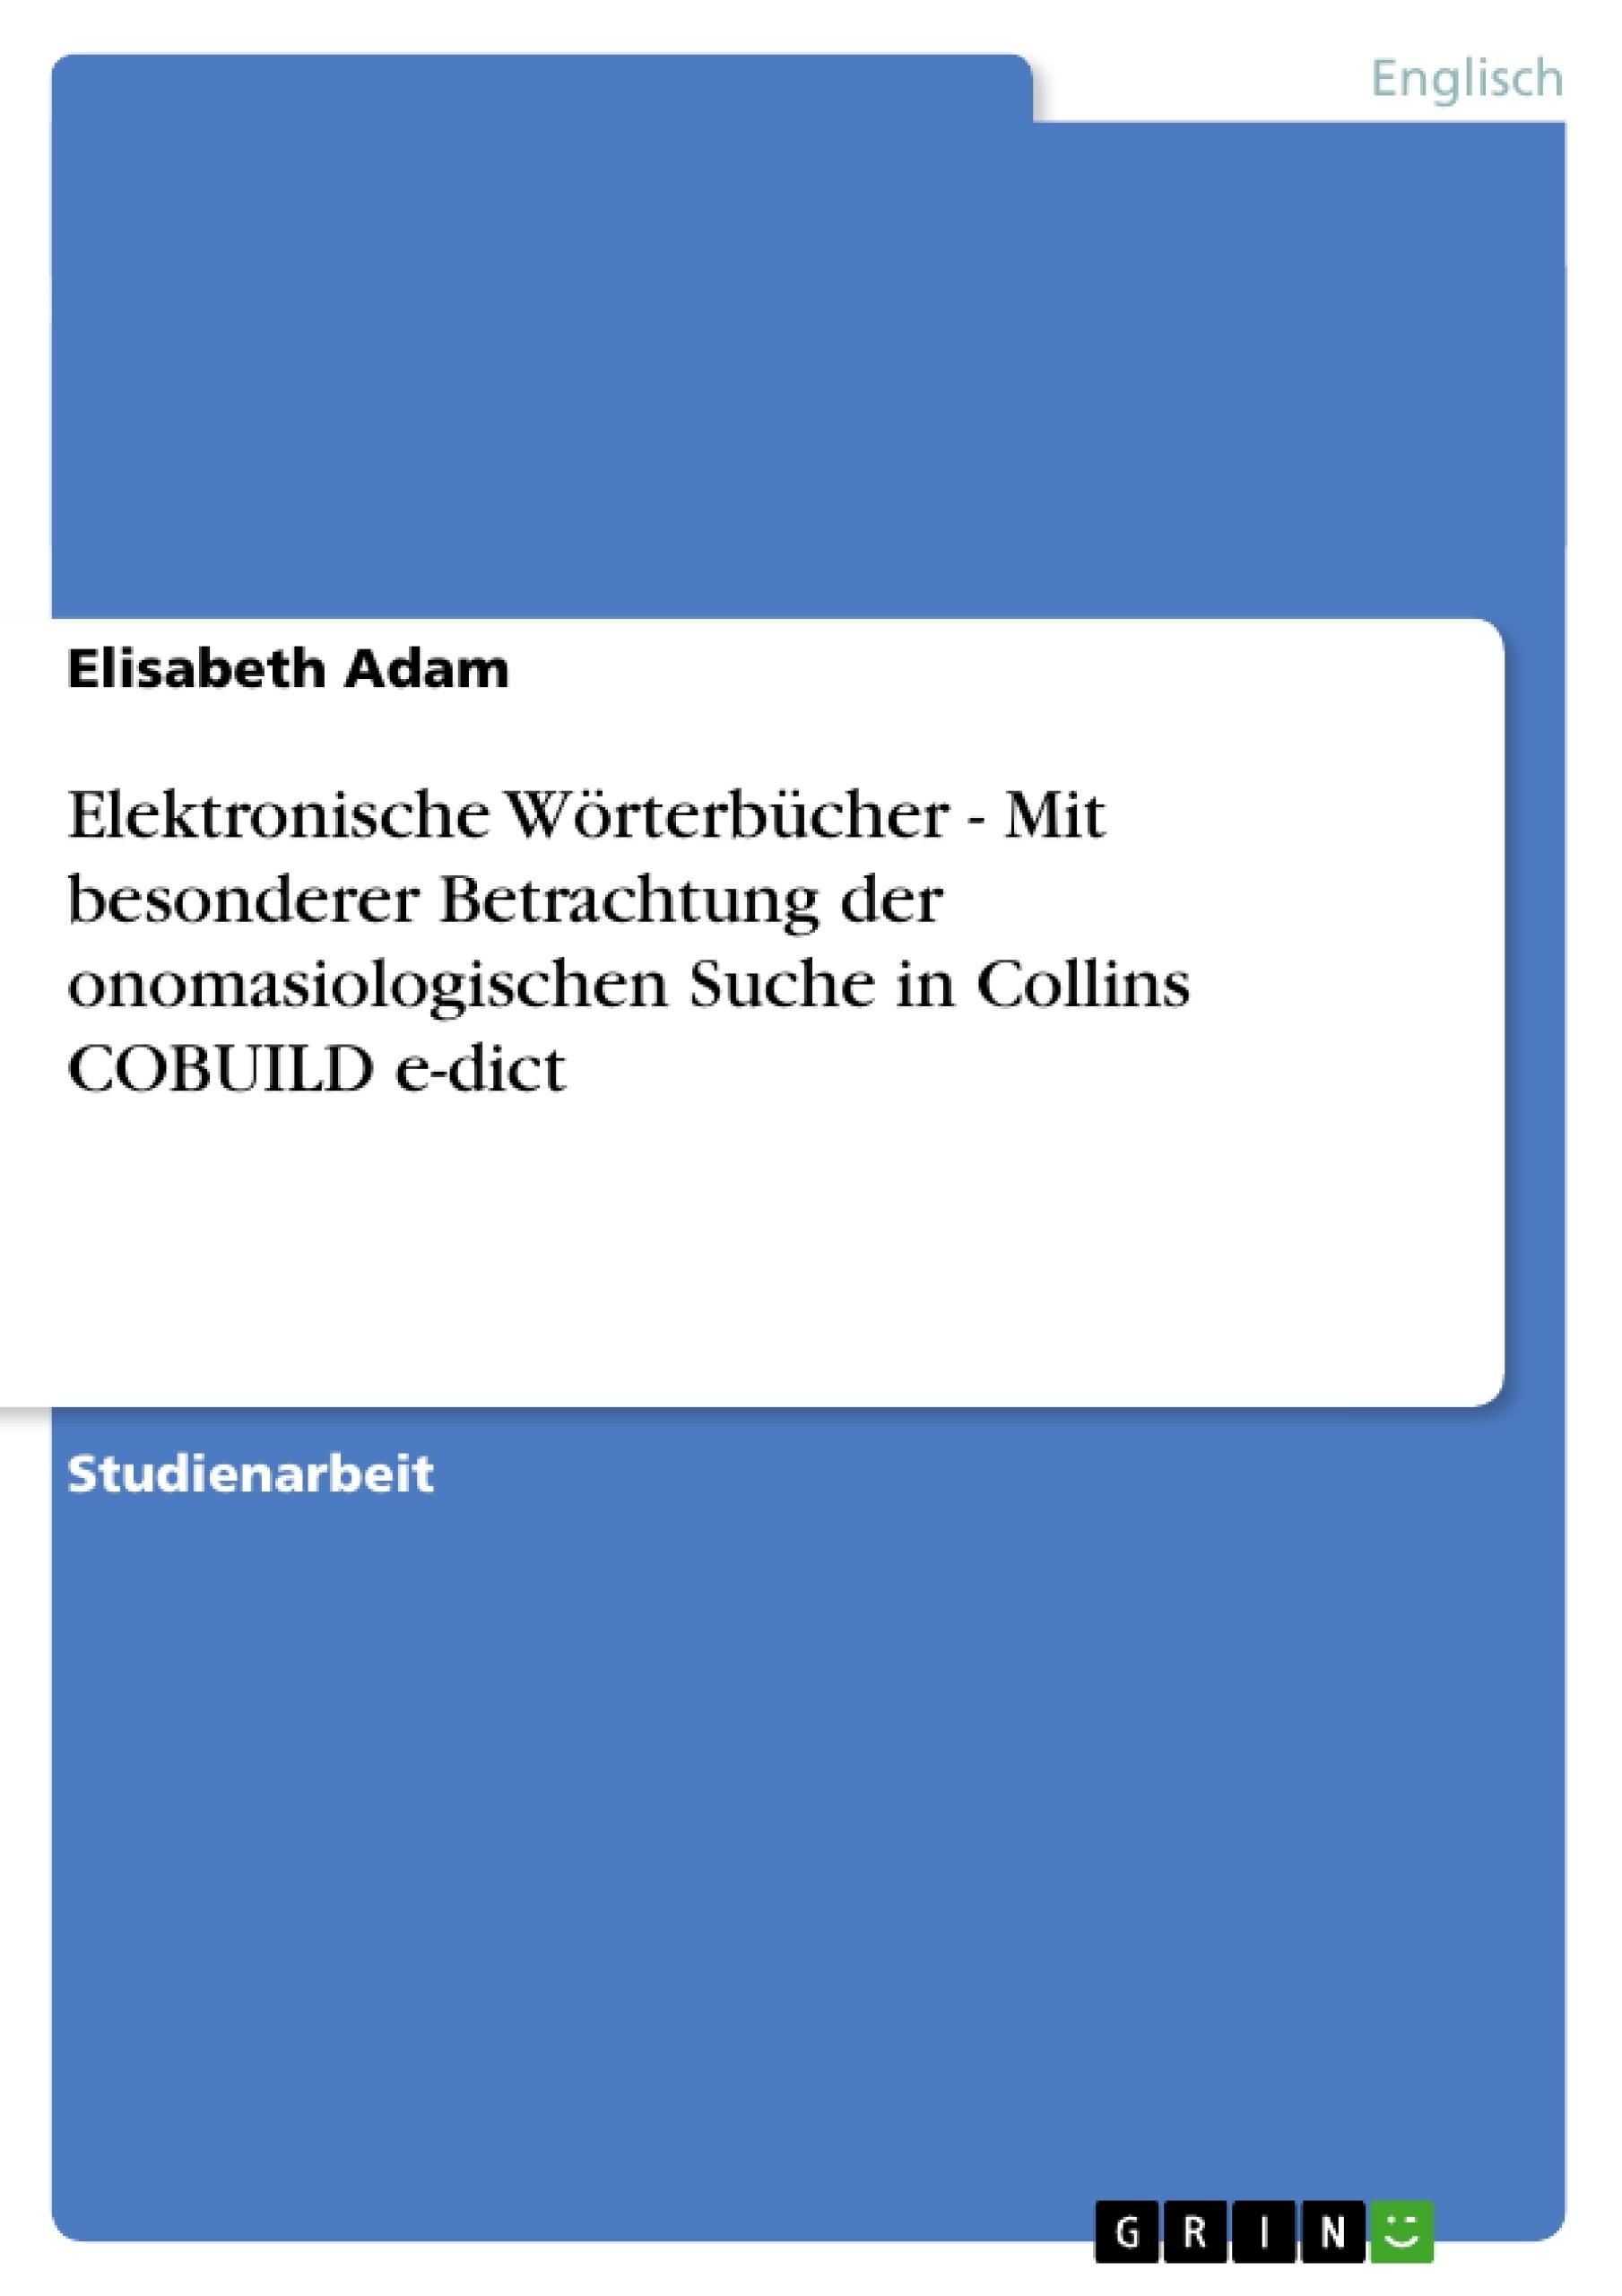 Titel: Elektronische Wörterbücher - Mit besonderer Betrachtung der onomasiologischen Suche in Collins COBUILD e-dict